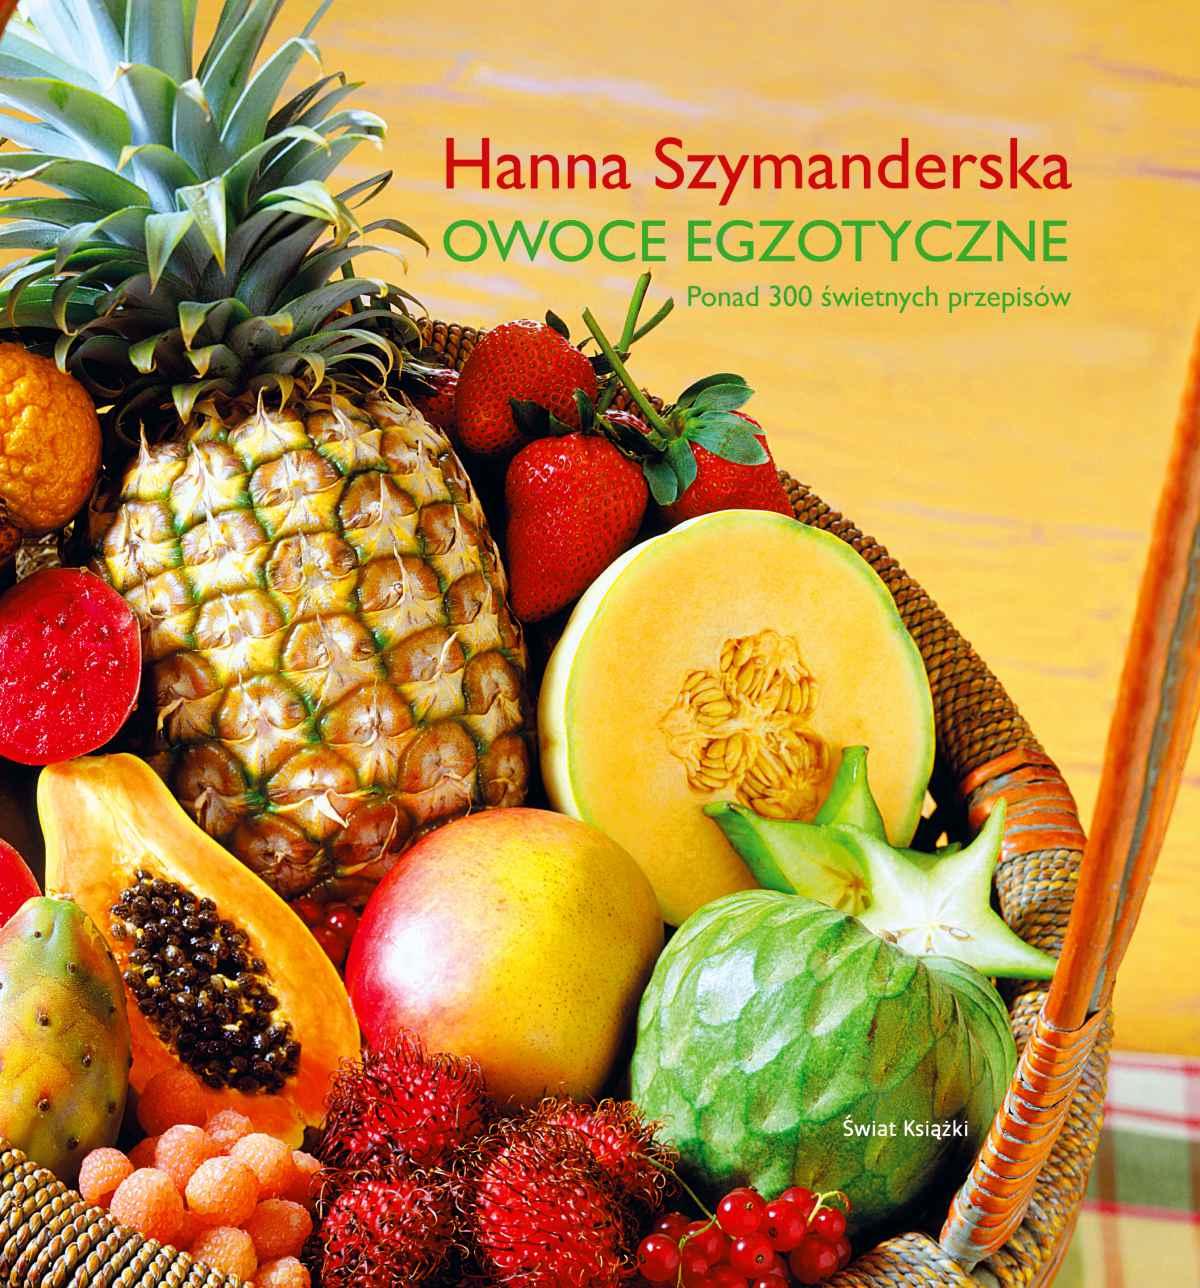 Owoce egzotyczne - Ebook (Książka EPUB) do pobrania w formacie EPUB